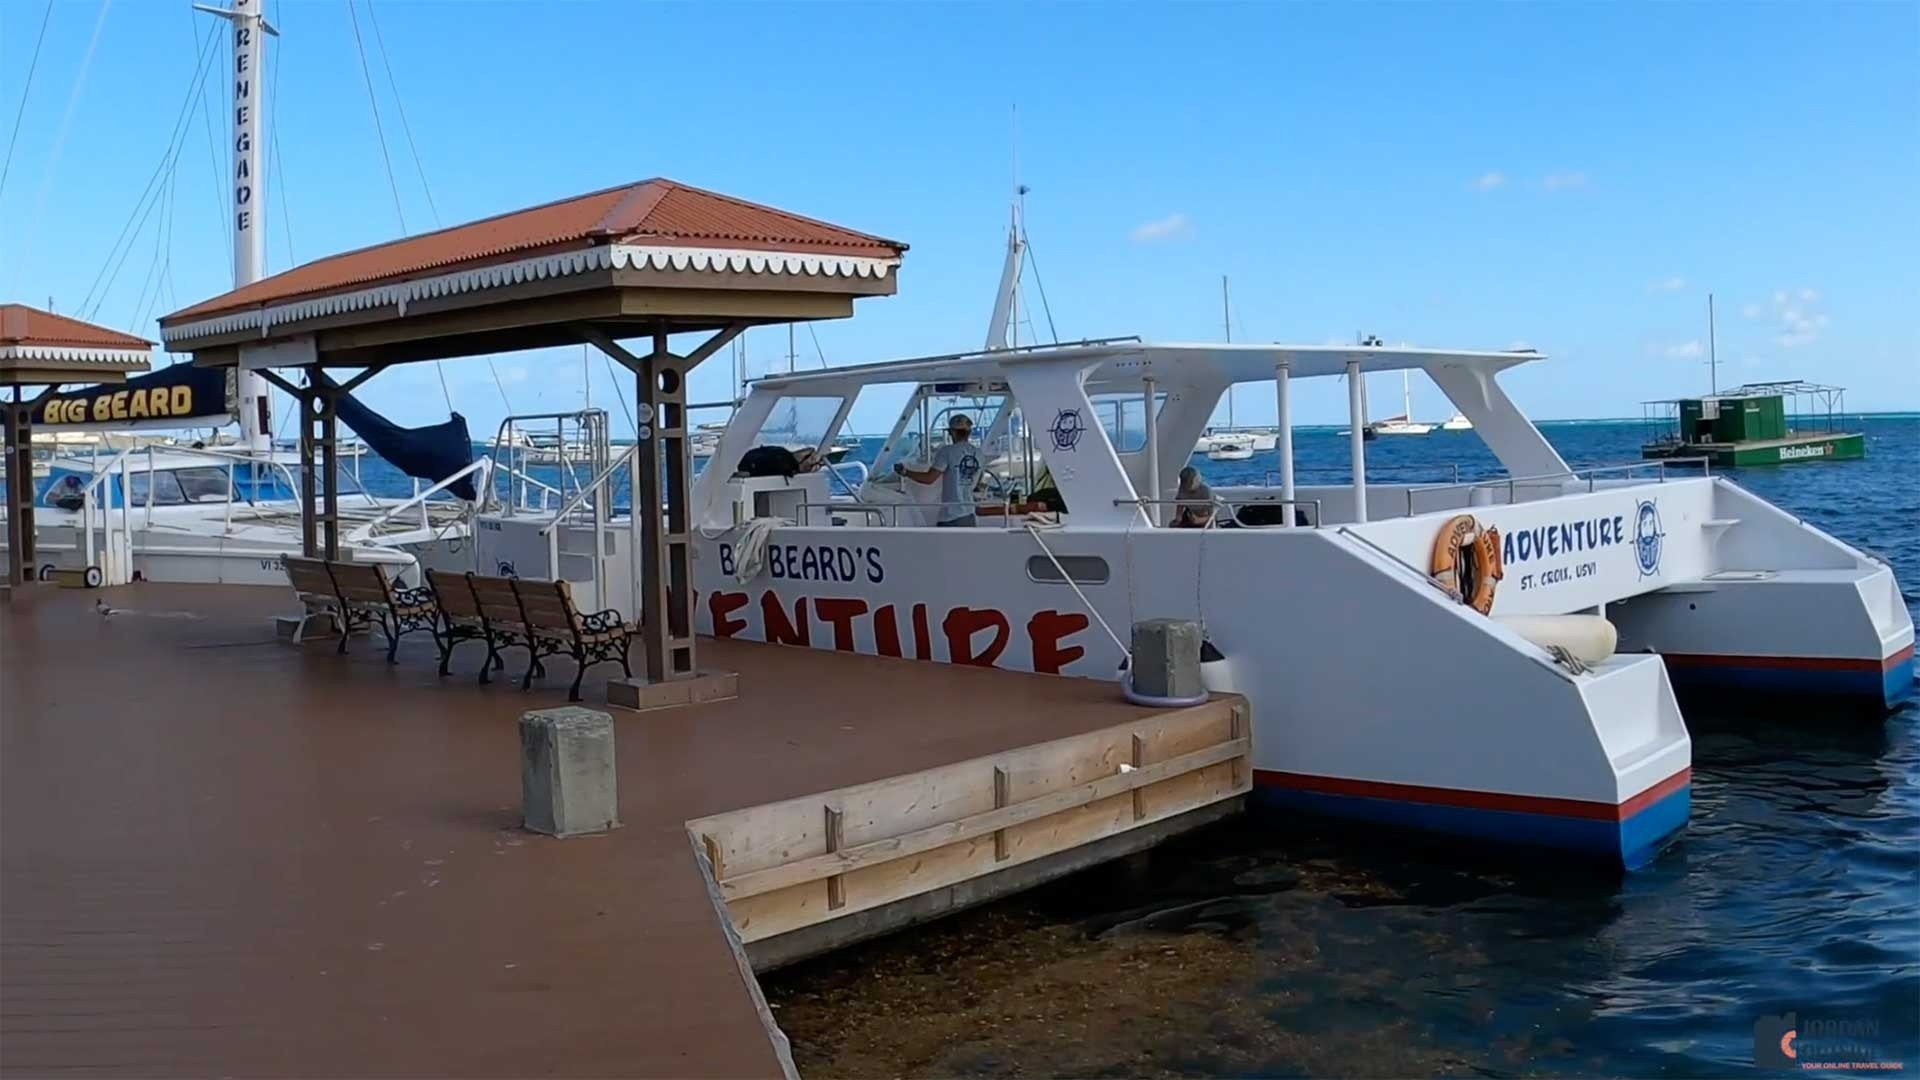 The Adventure Catamaran, St. Croix